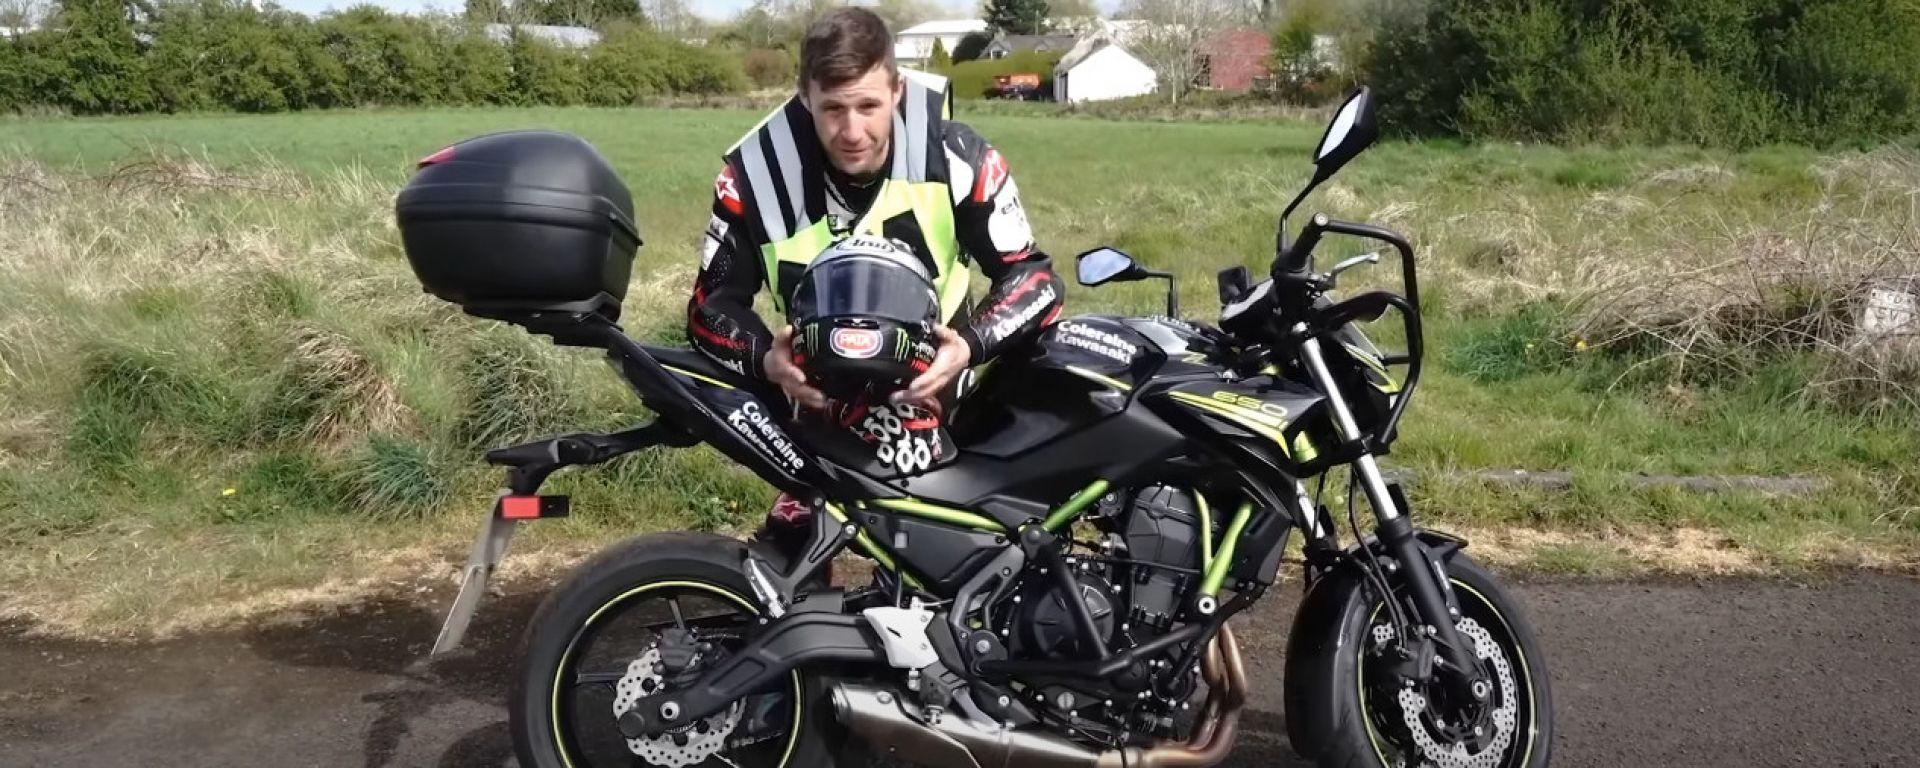 Jonathan Rea e la Kawasaki Z650. Pronti per la prova della patente